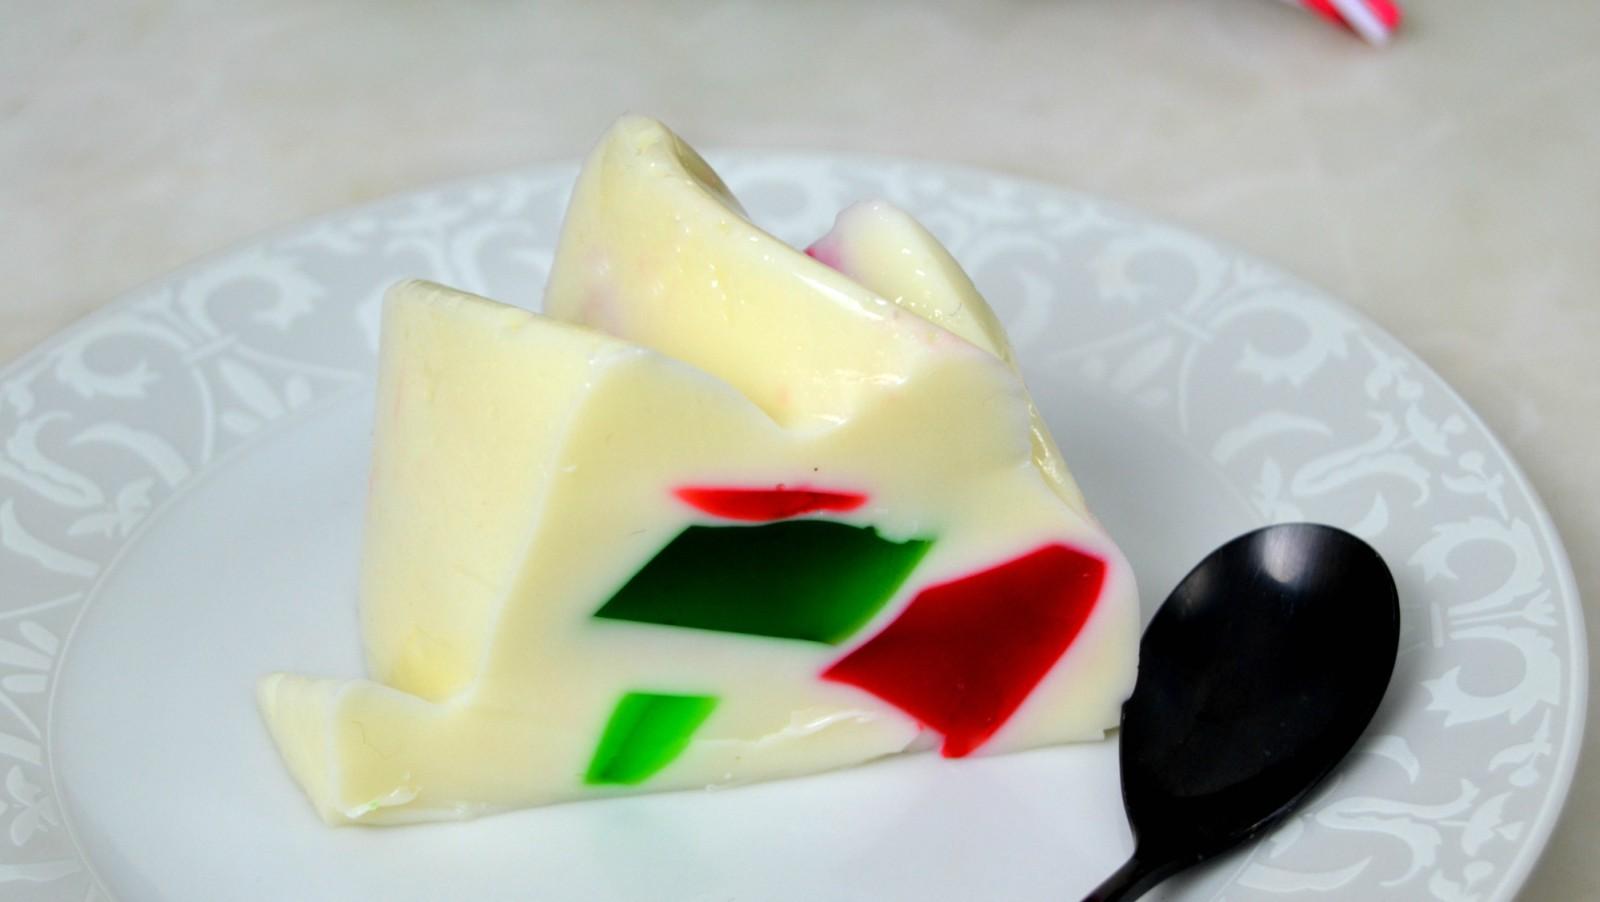 Gelatina de navidad o gelatina de colores con leche condensada